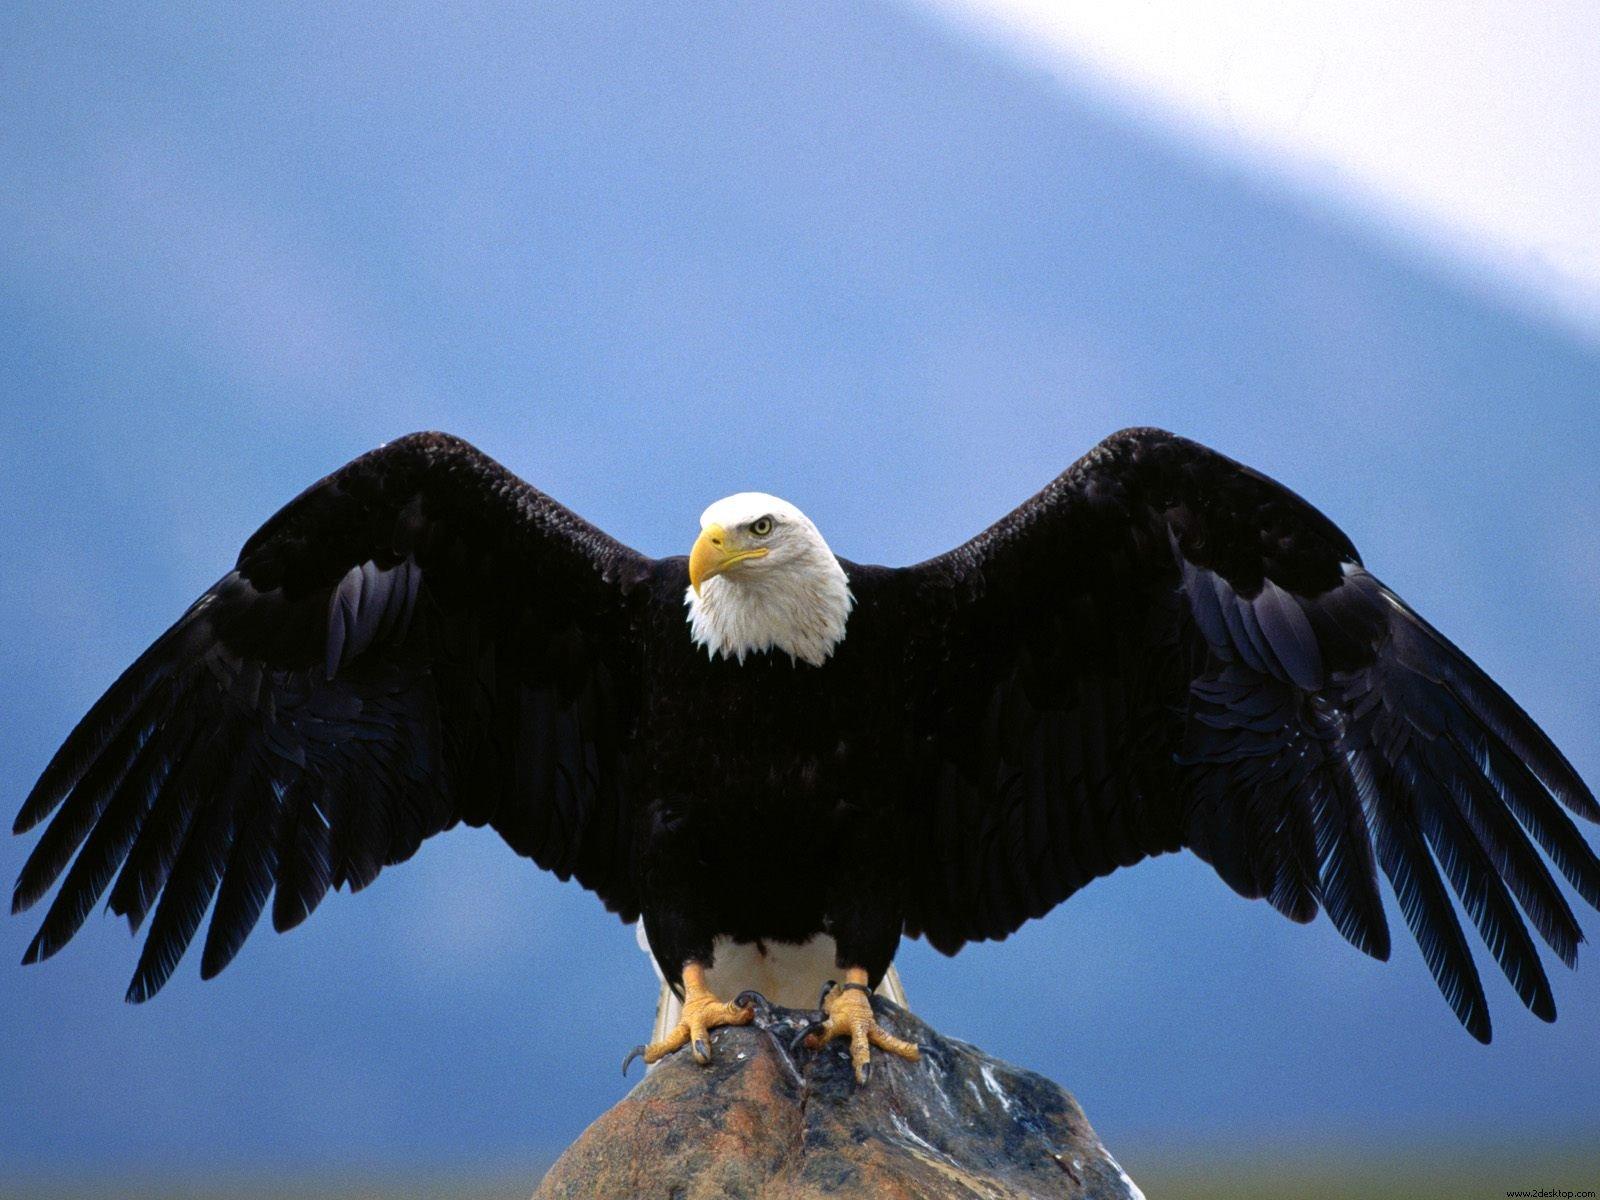 http://1.bp.blogspot.com/-HFrimYXNMpw/TjKUxZEr1bI/AAAAAAAAAKU/NW8exlQlBBU/s1600/Bald_Eagle_Wallpaper_Free.jpg